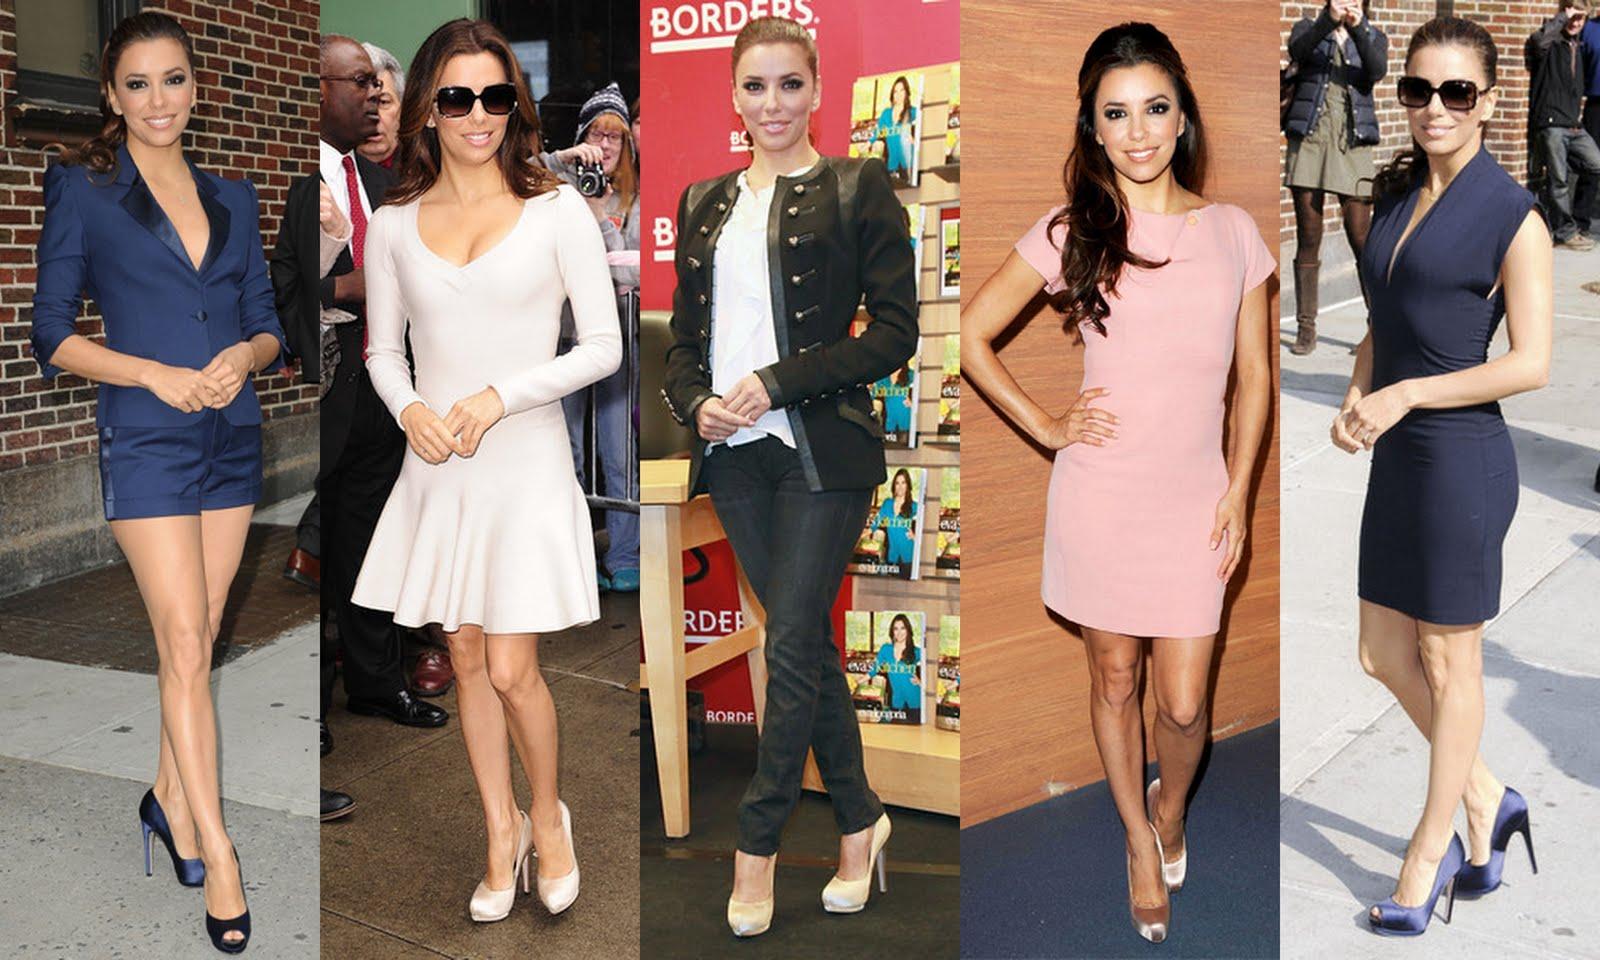 http://1.bp.blogspot.com/-FN3Dpd5AcBE/TZ5Ah1d-cxI/AAAAAAAAAck/0huqW4Ev3FQ/s1600/eva+longoria+outfits.jpg